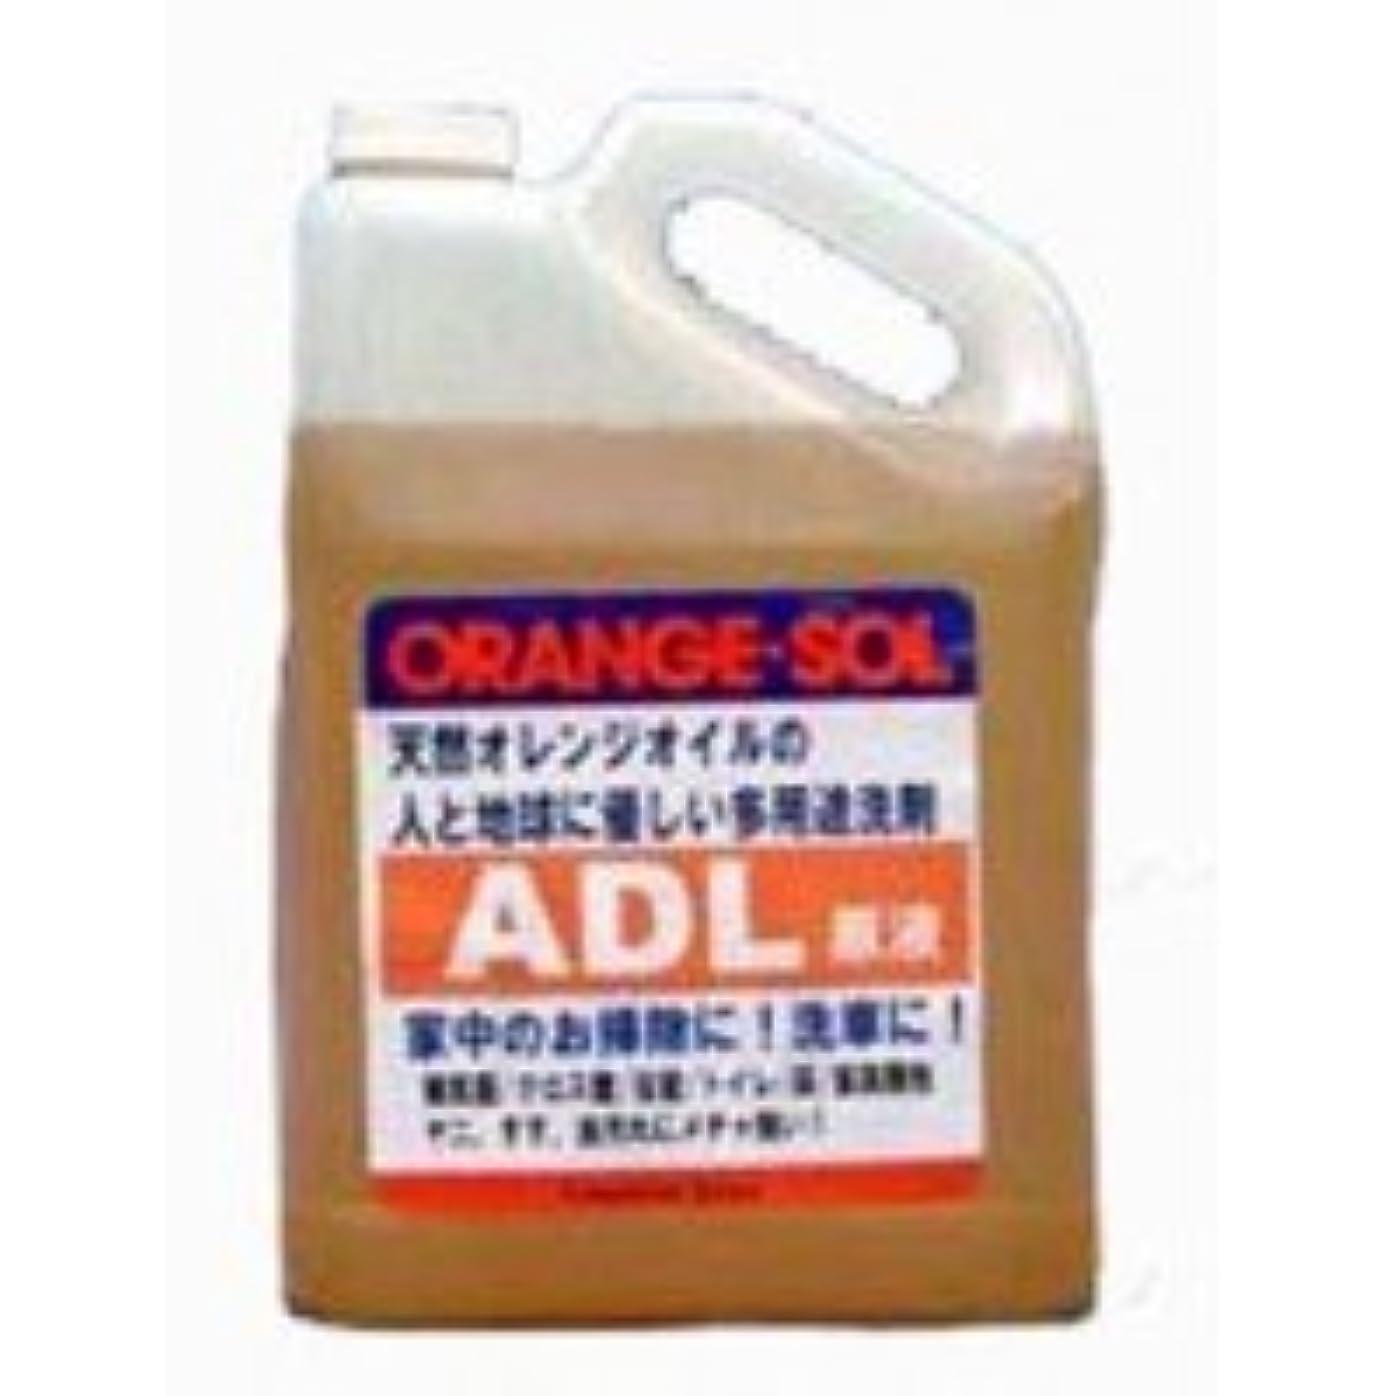 受け入れた価格謎ADL原液 業務用 1ガロン 393014